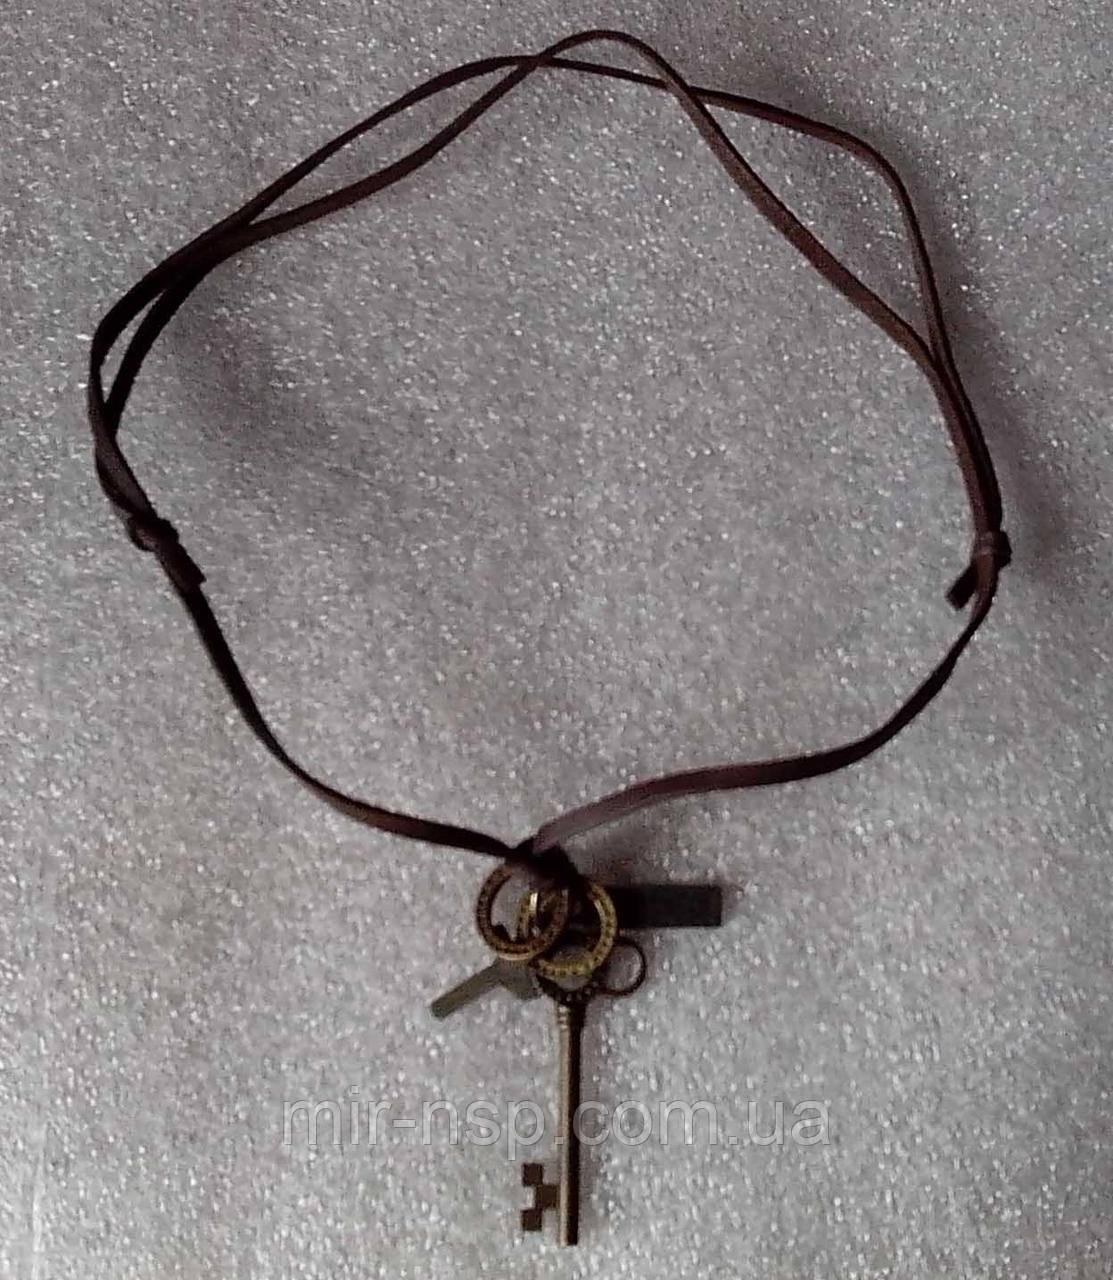 Амулеты на кожаном шнурке с ключами